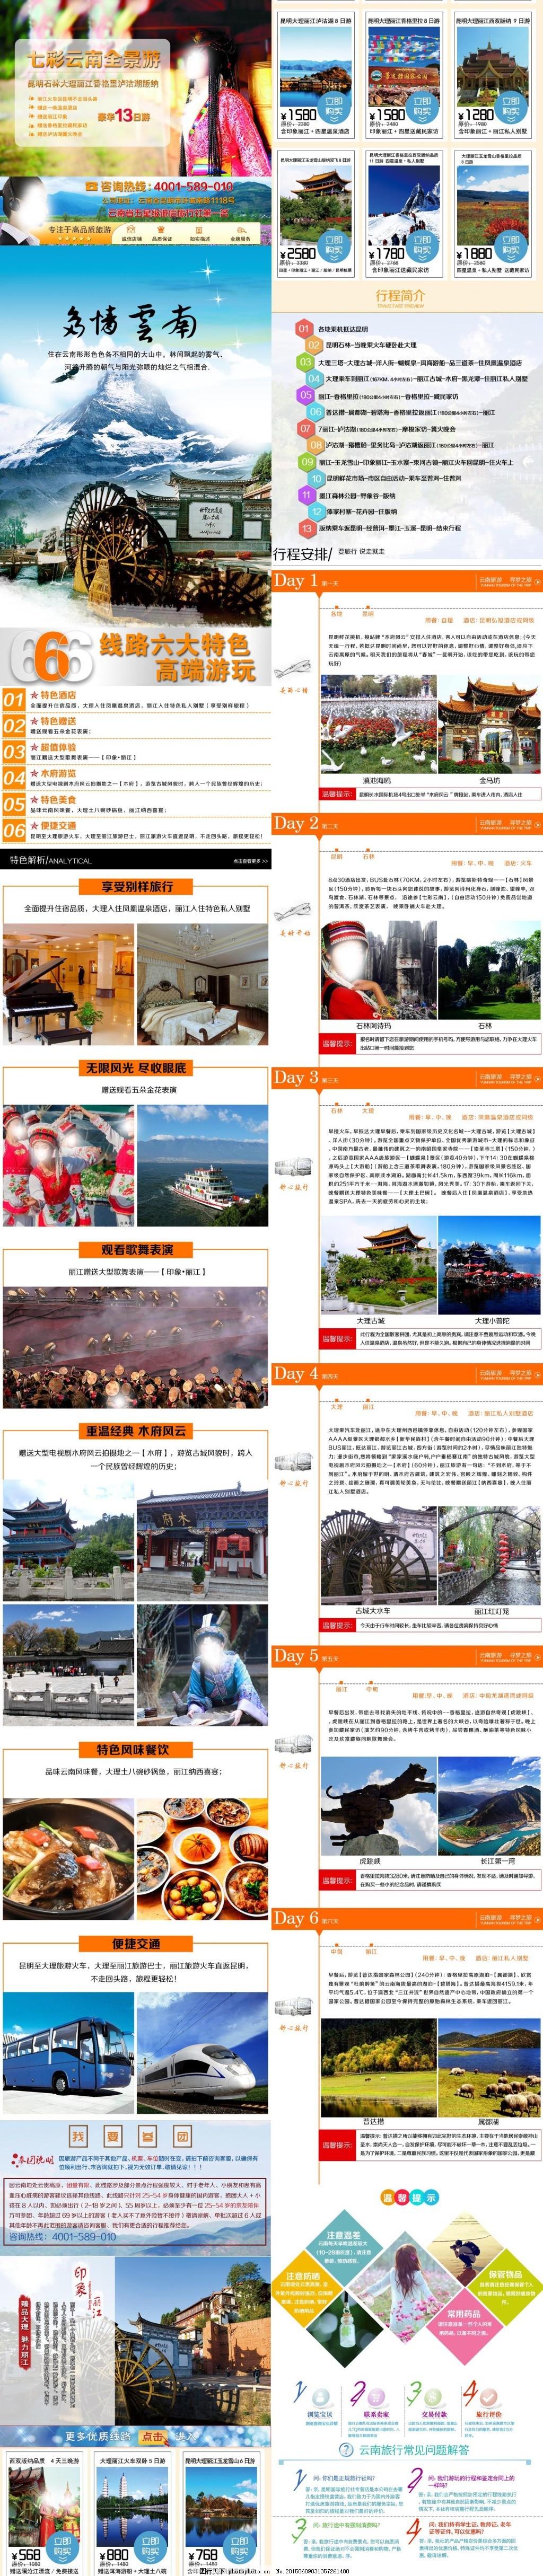 旅游详情页 旅游设计免费下载 创意设计 淘宝界面设计 淘宝天猫